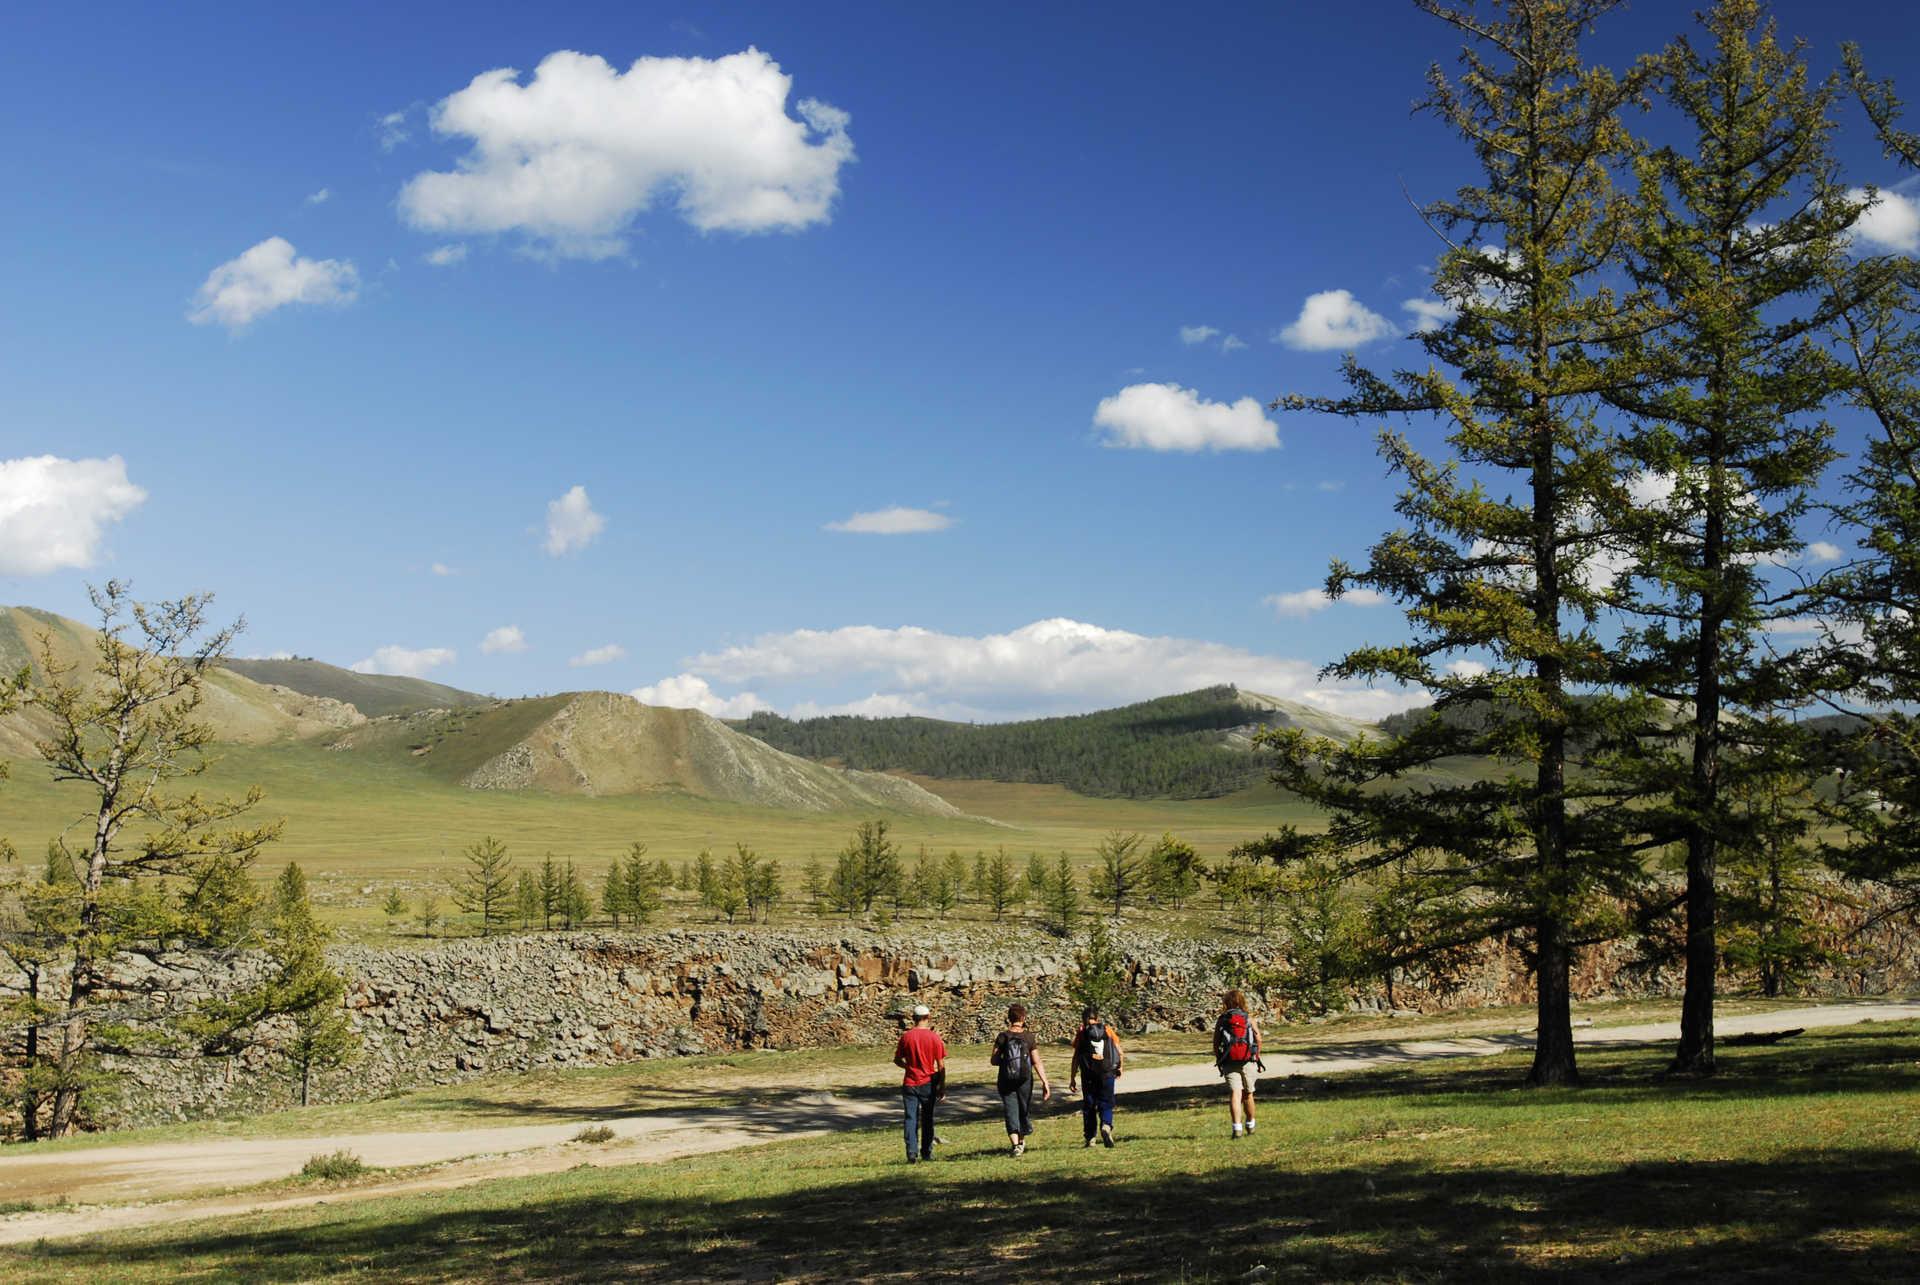 Randonnée itinérante dans les Monts Khangai @ S.Fautre